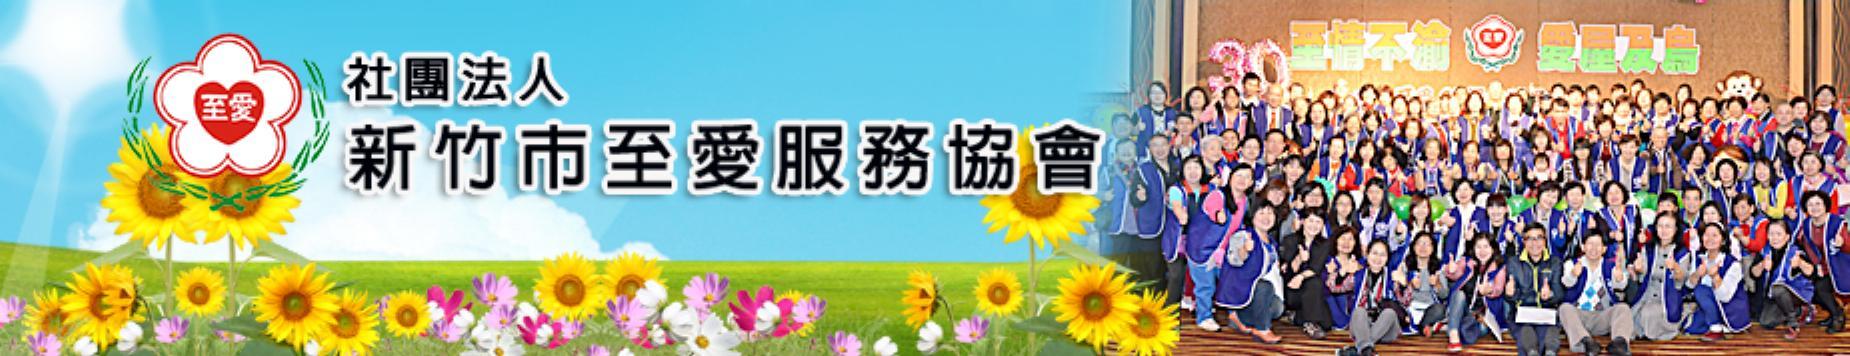 新竹至愛服務協會上方形象圖3